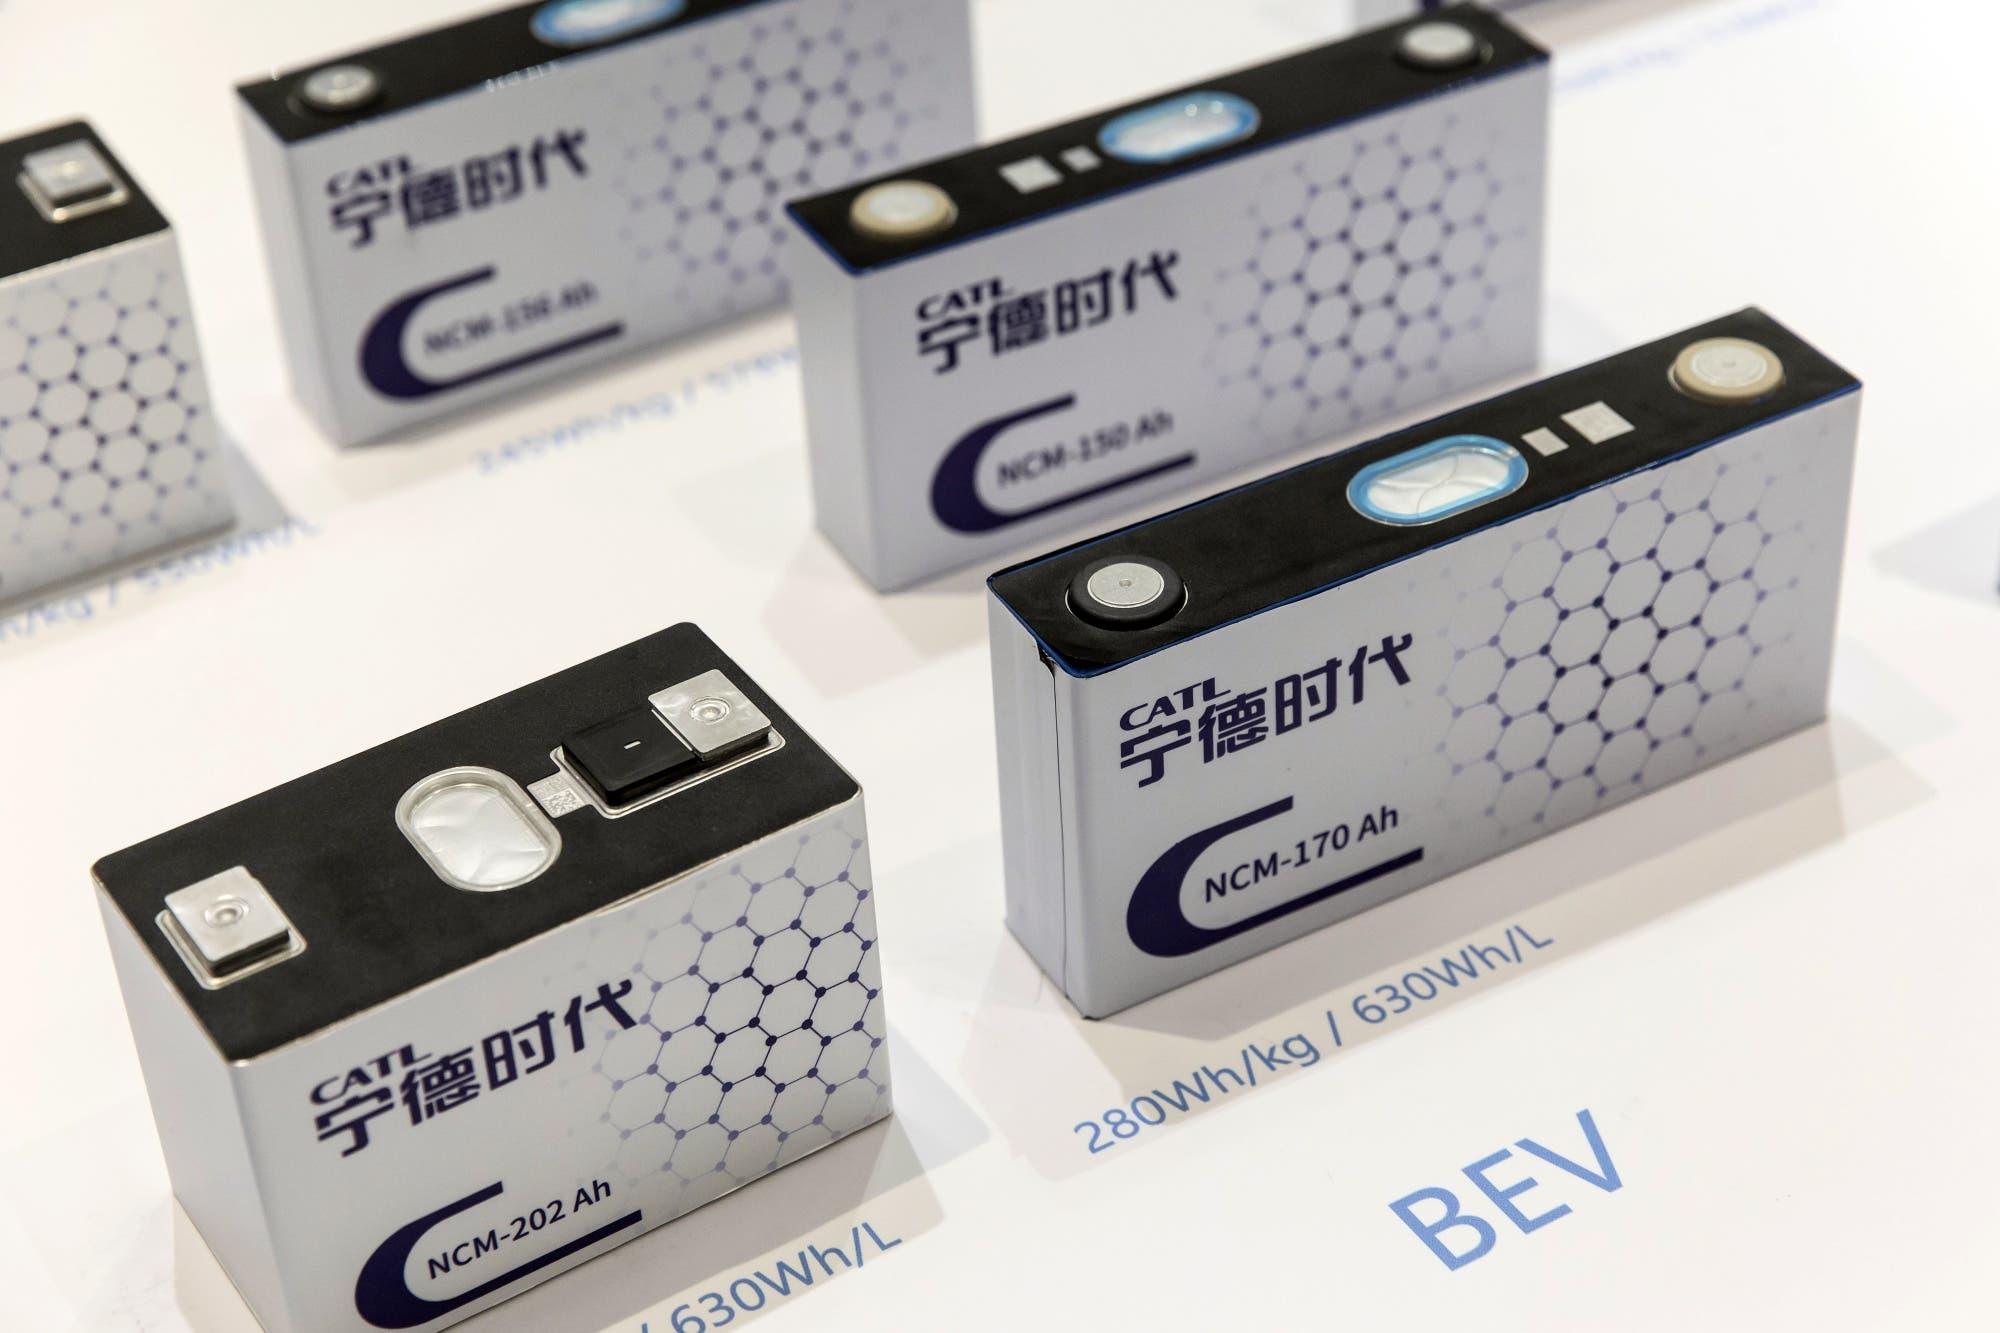 بلومبيرغ: ضمانات البطاريات المستخدمة حاليًا في السيارات الكهربائية تغطي حوالي 150 ألف ميل أو ثماني سنوات